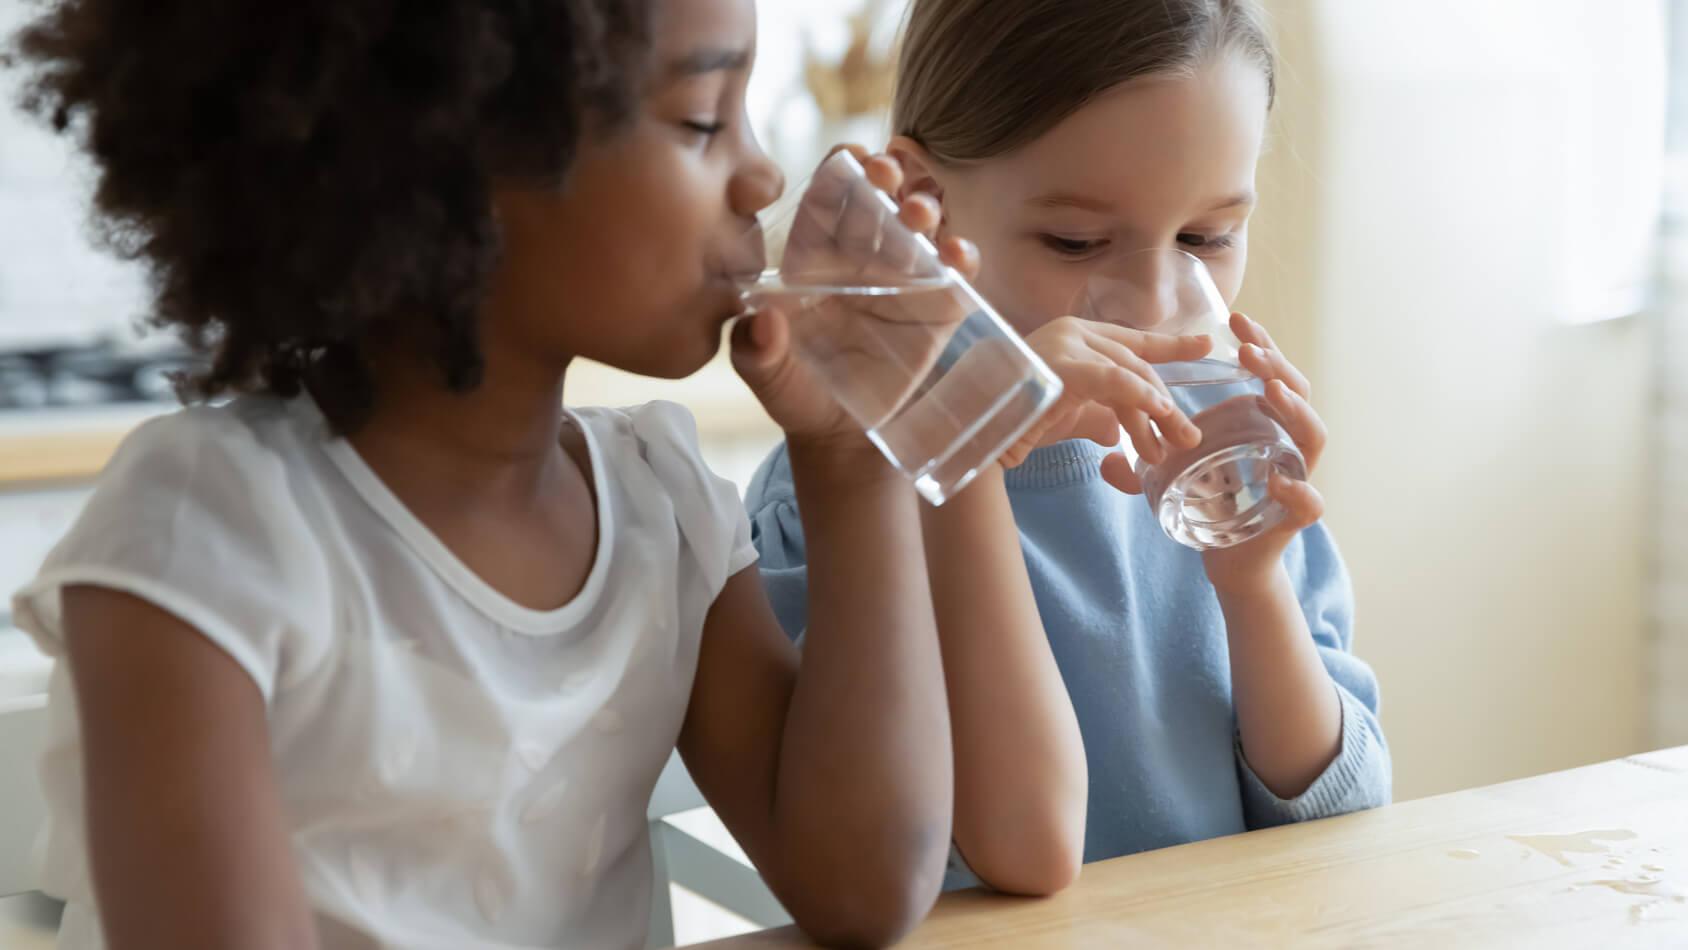 Two children drinking water